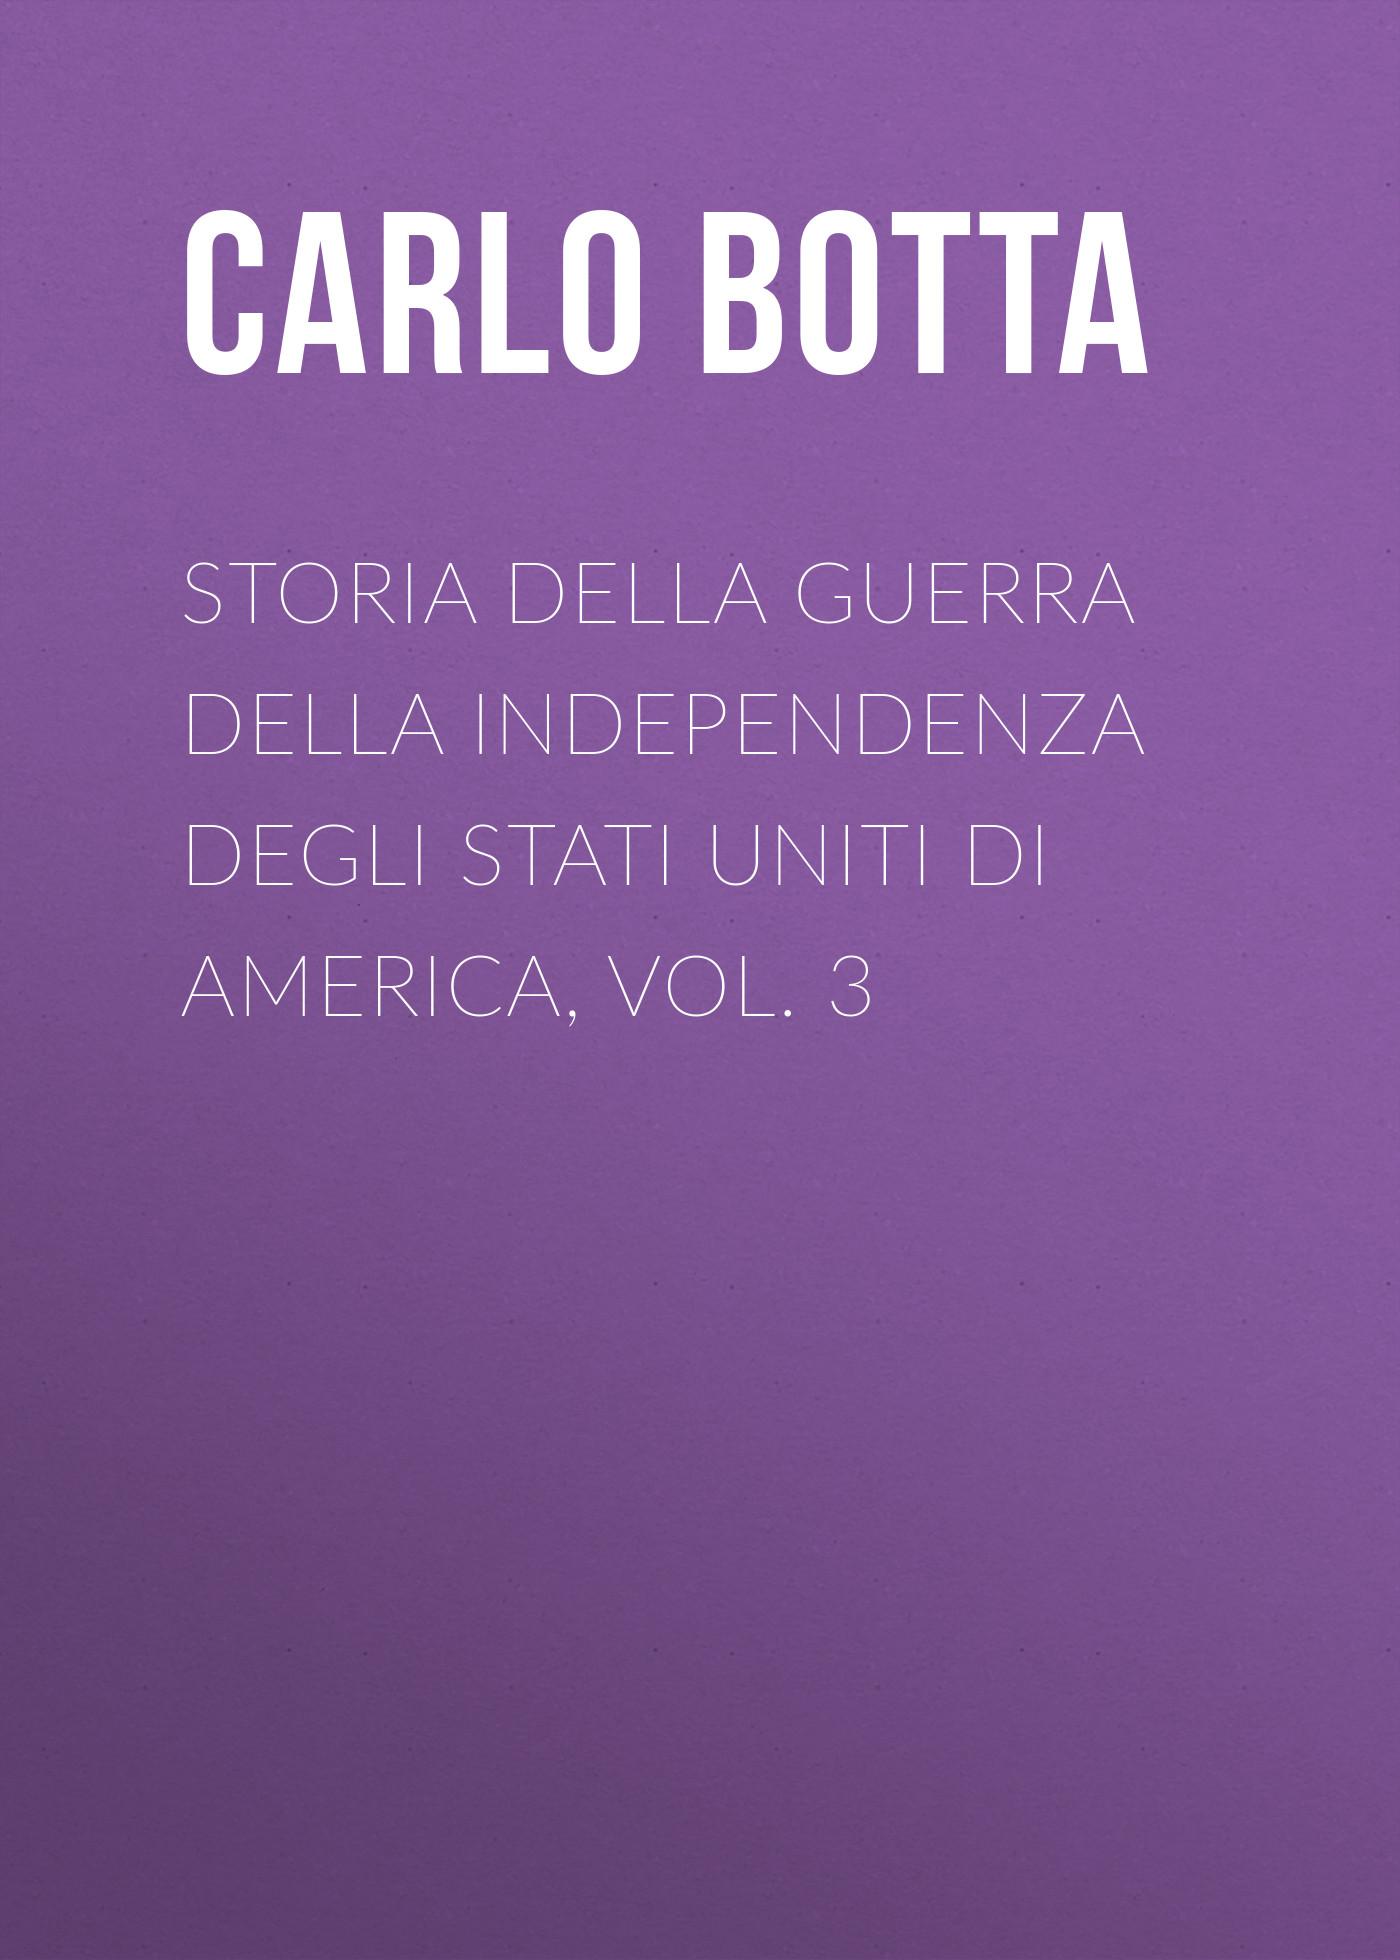 цена Botta Carlo Storia della Guerra della Independenza degli Stati Uniti di America, vol. 3 онлайн в 2017 году